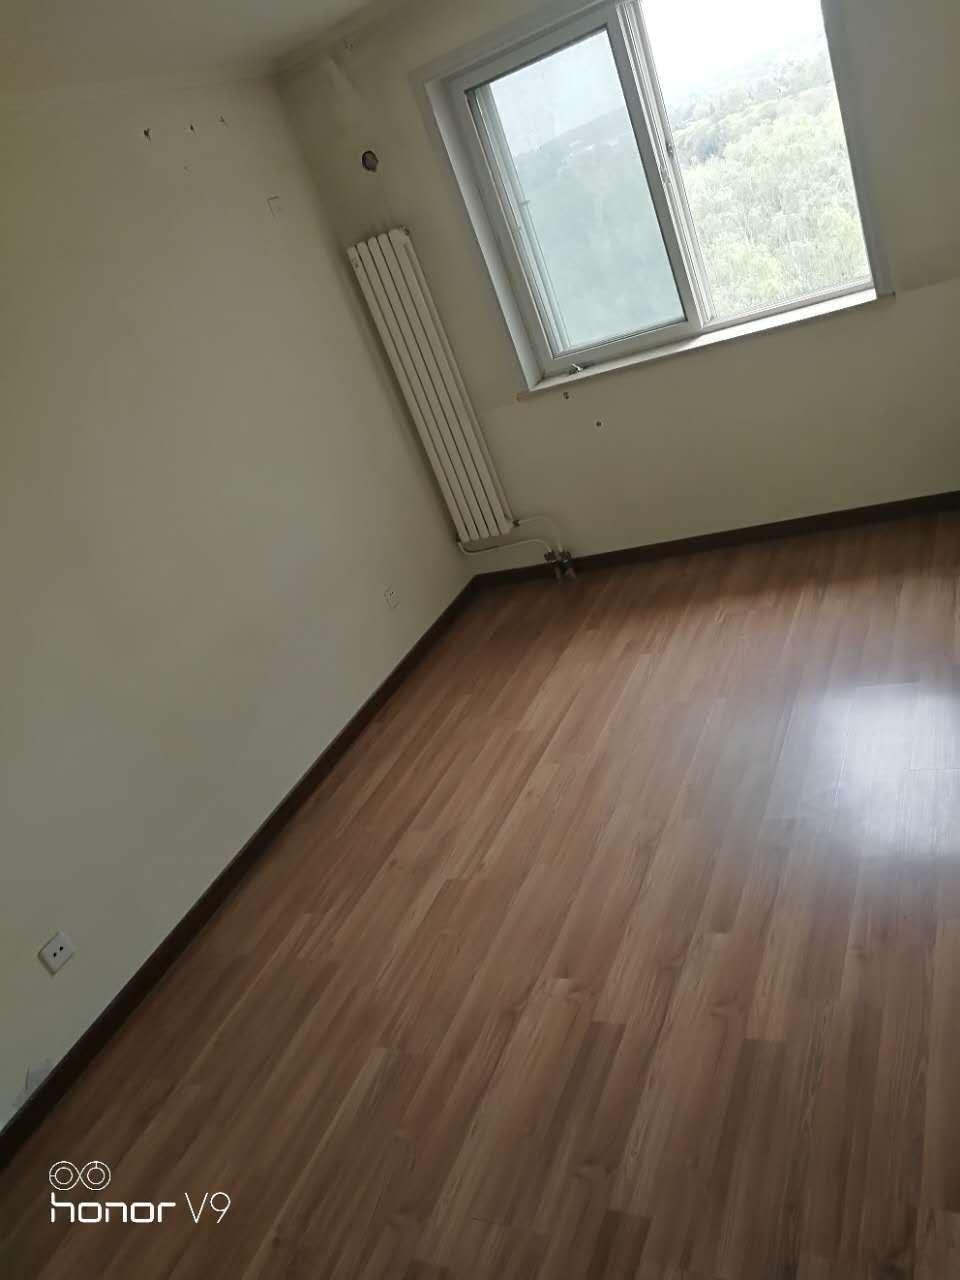 真实房源 环湖小镇n 南北通透两居室 88平米只卖145万 随时看